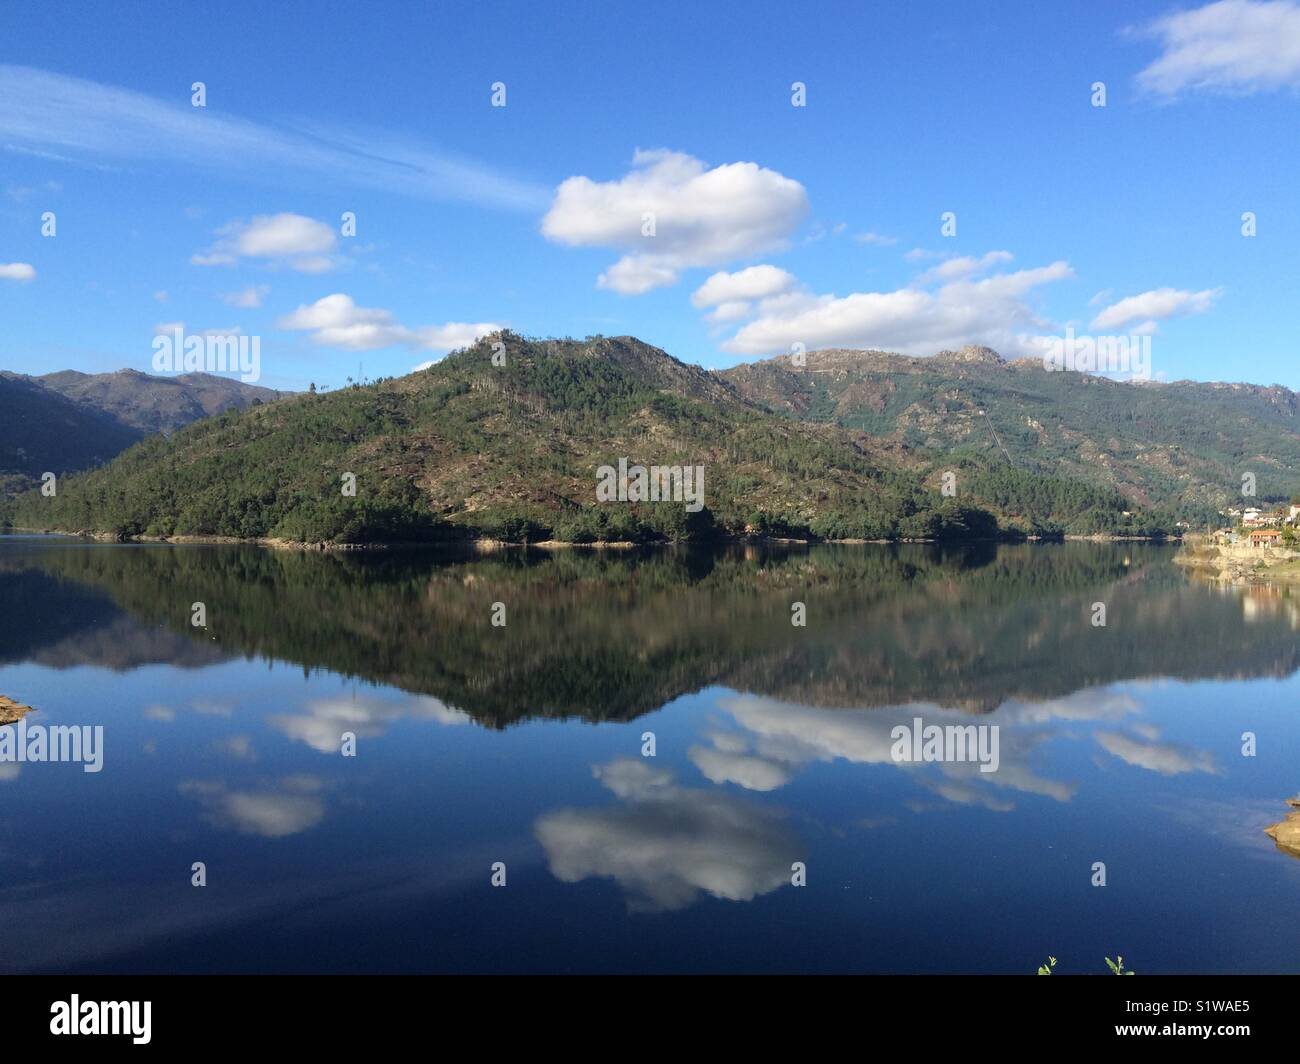 Mirror - Stock Image